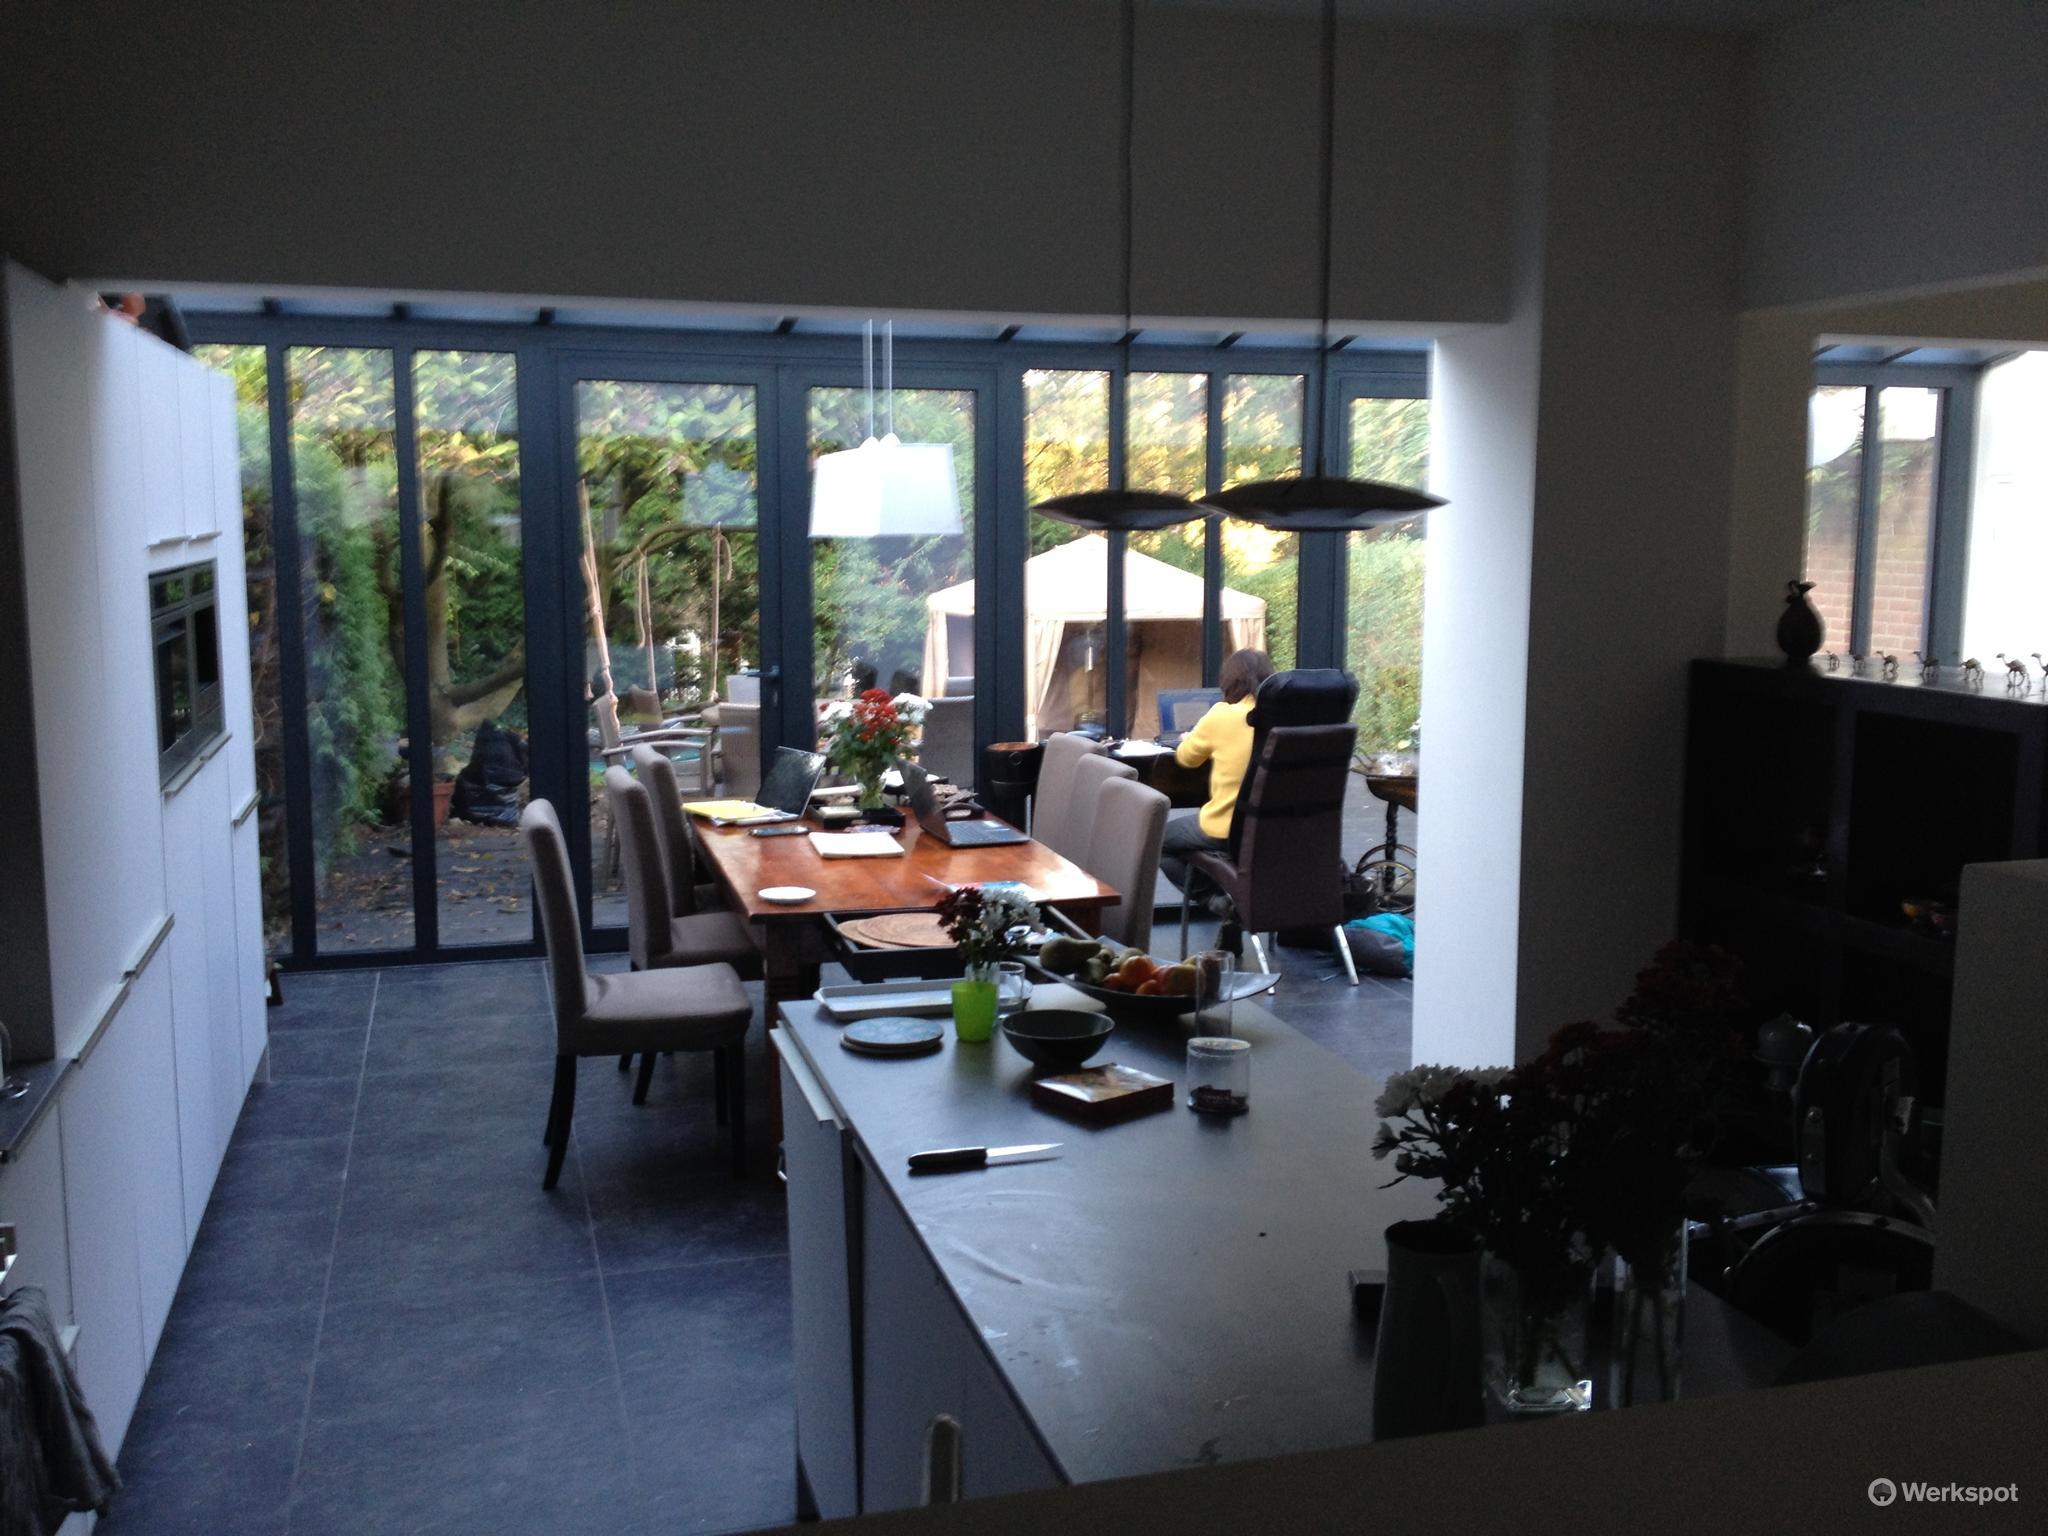 Aanschaf en aanbouw van serre verplaatsing keuken plafonds